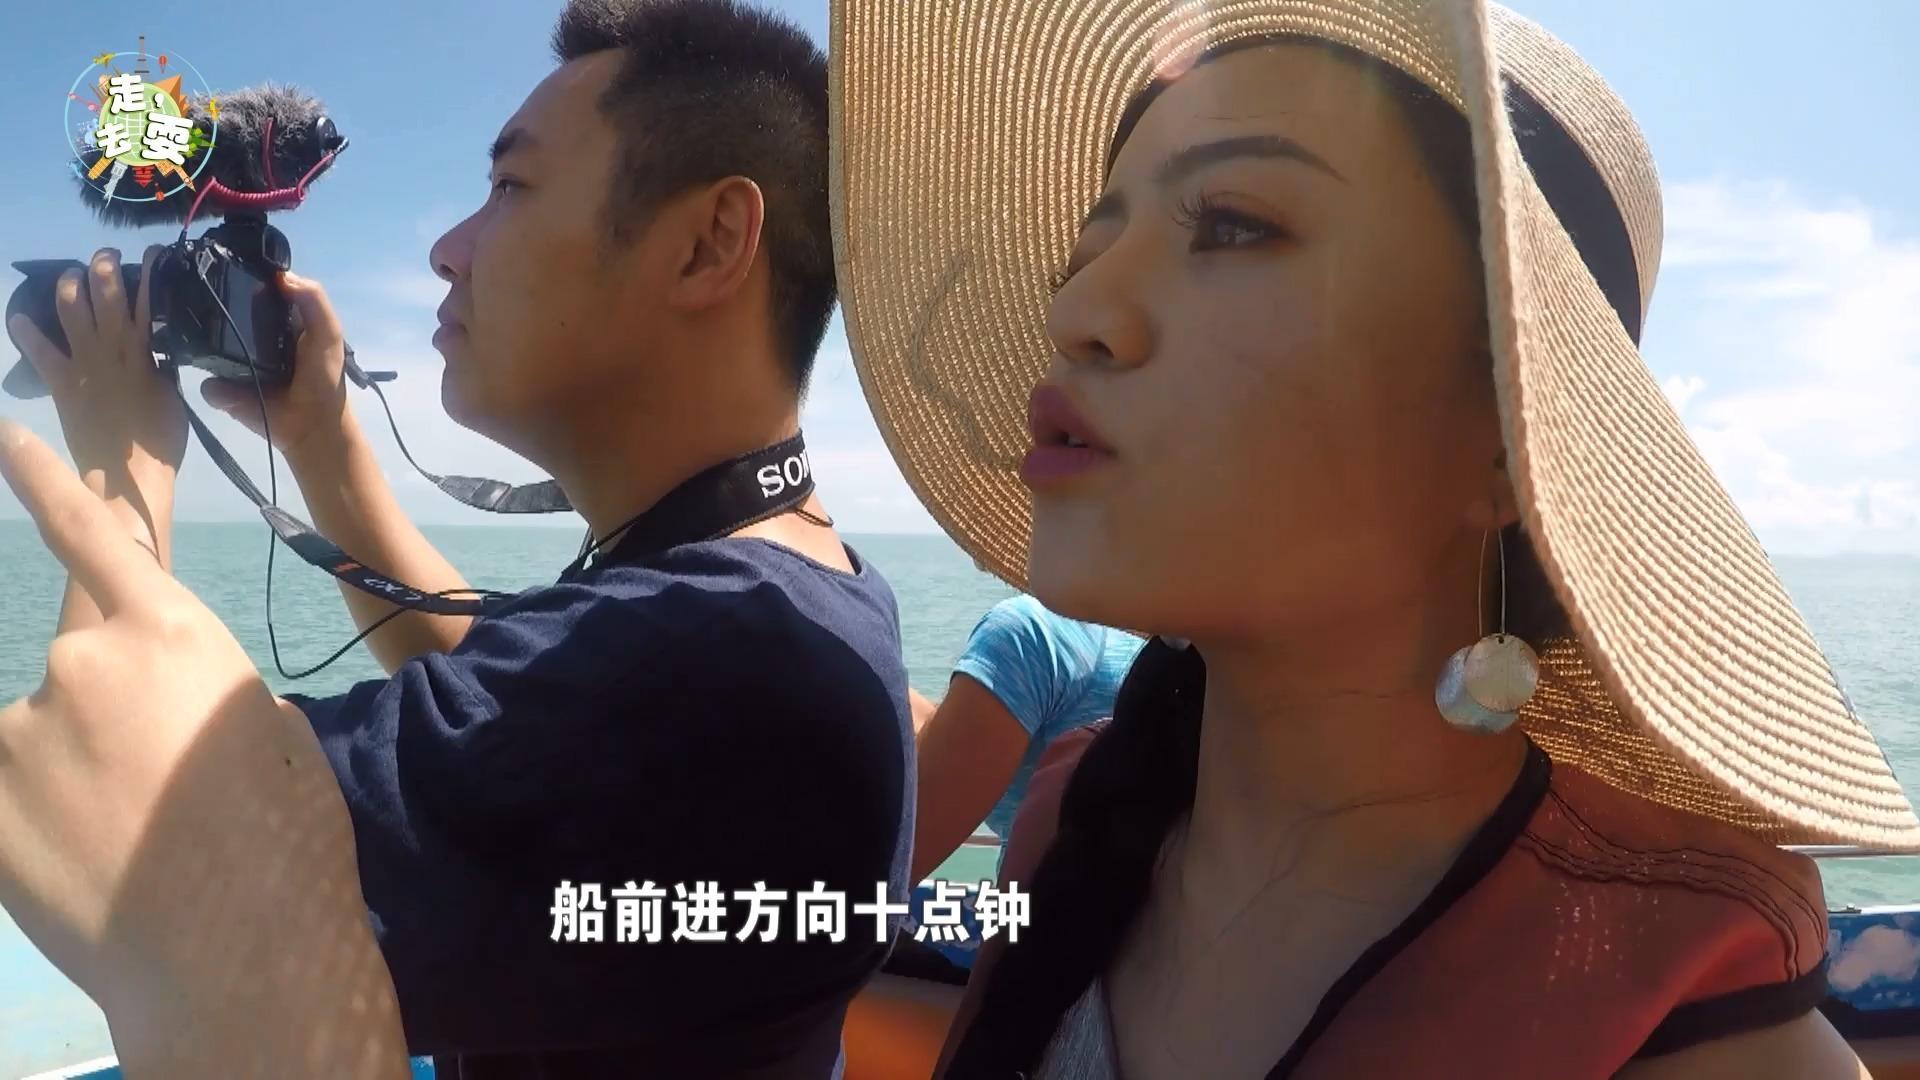 假期去哪儿旅行 泰国苏梅岛实拍,出海寻找粉色海豚